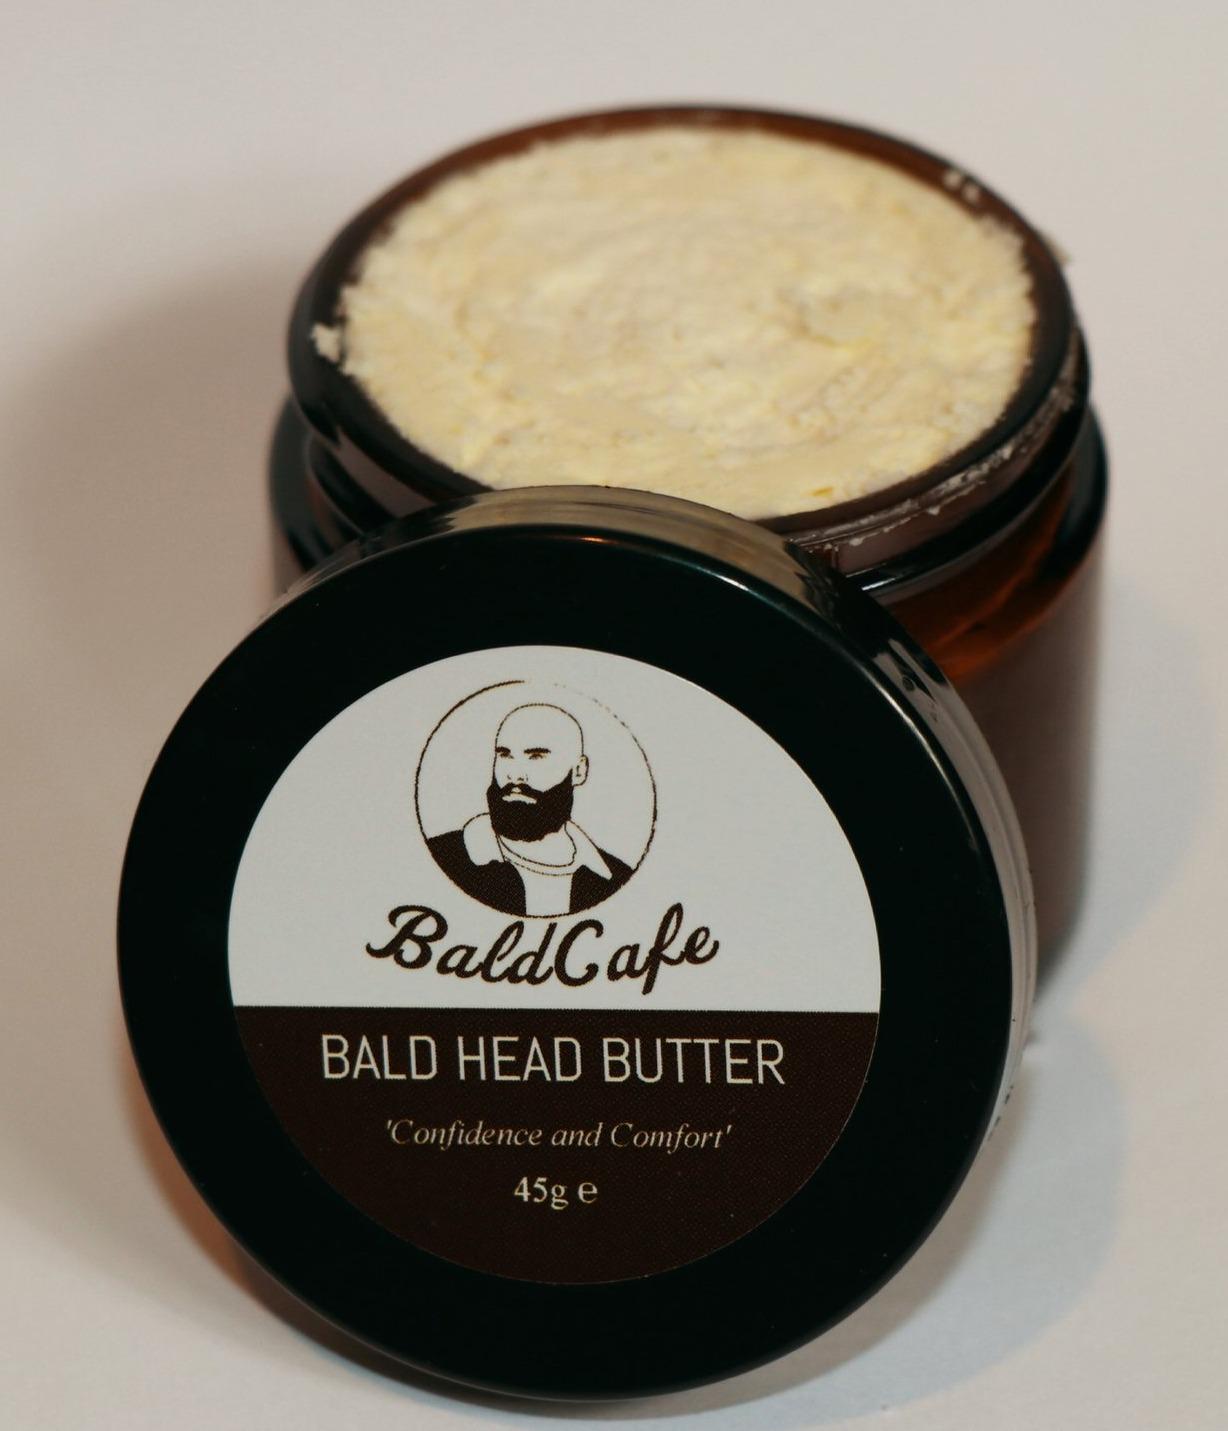 Bald cafe Bald Head Butter